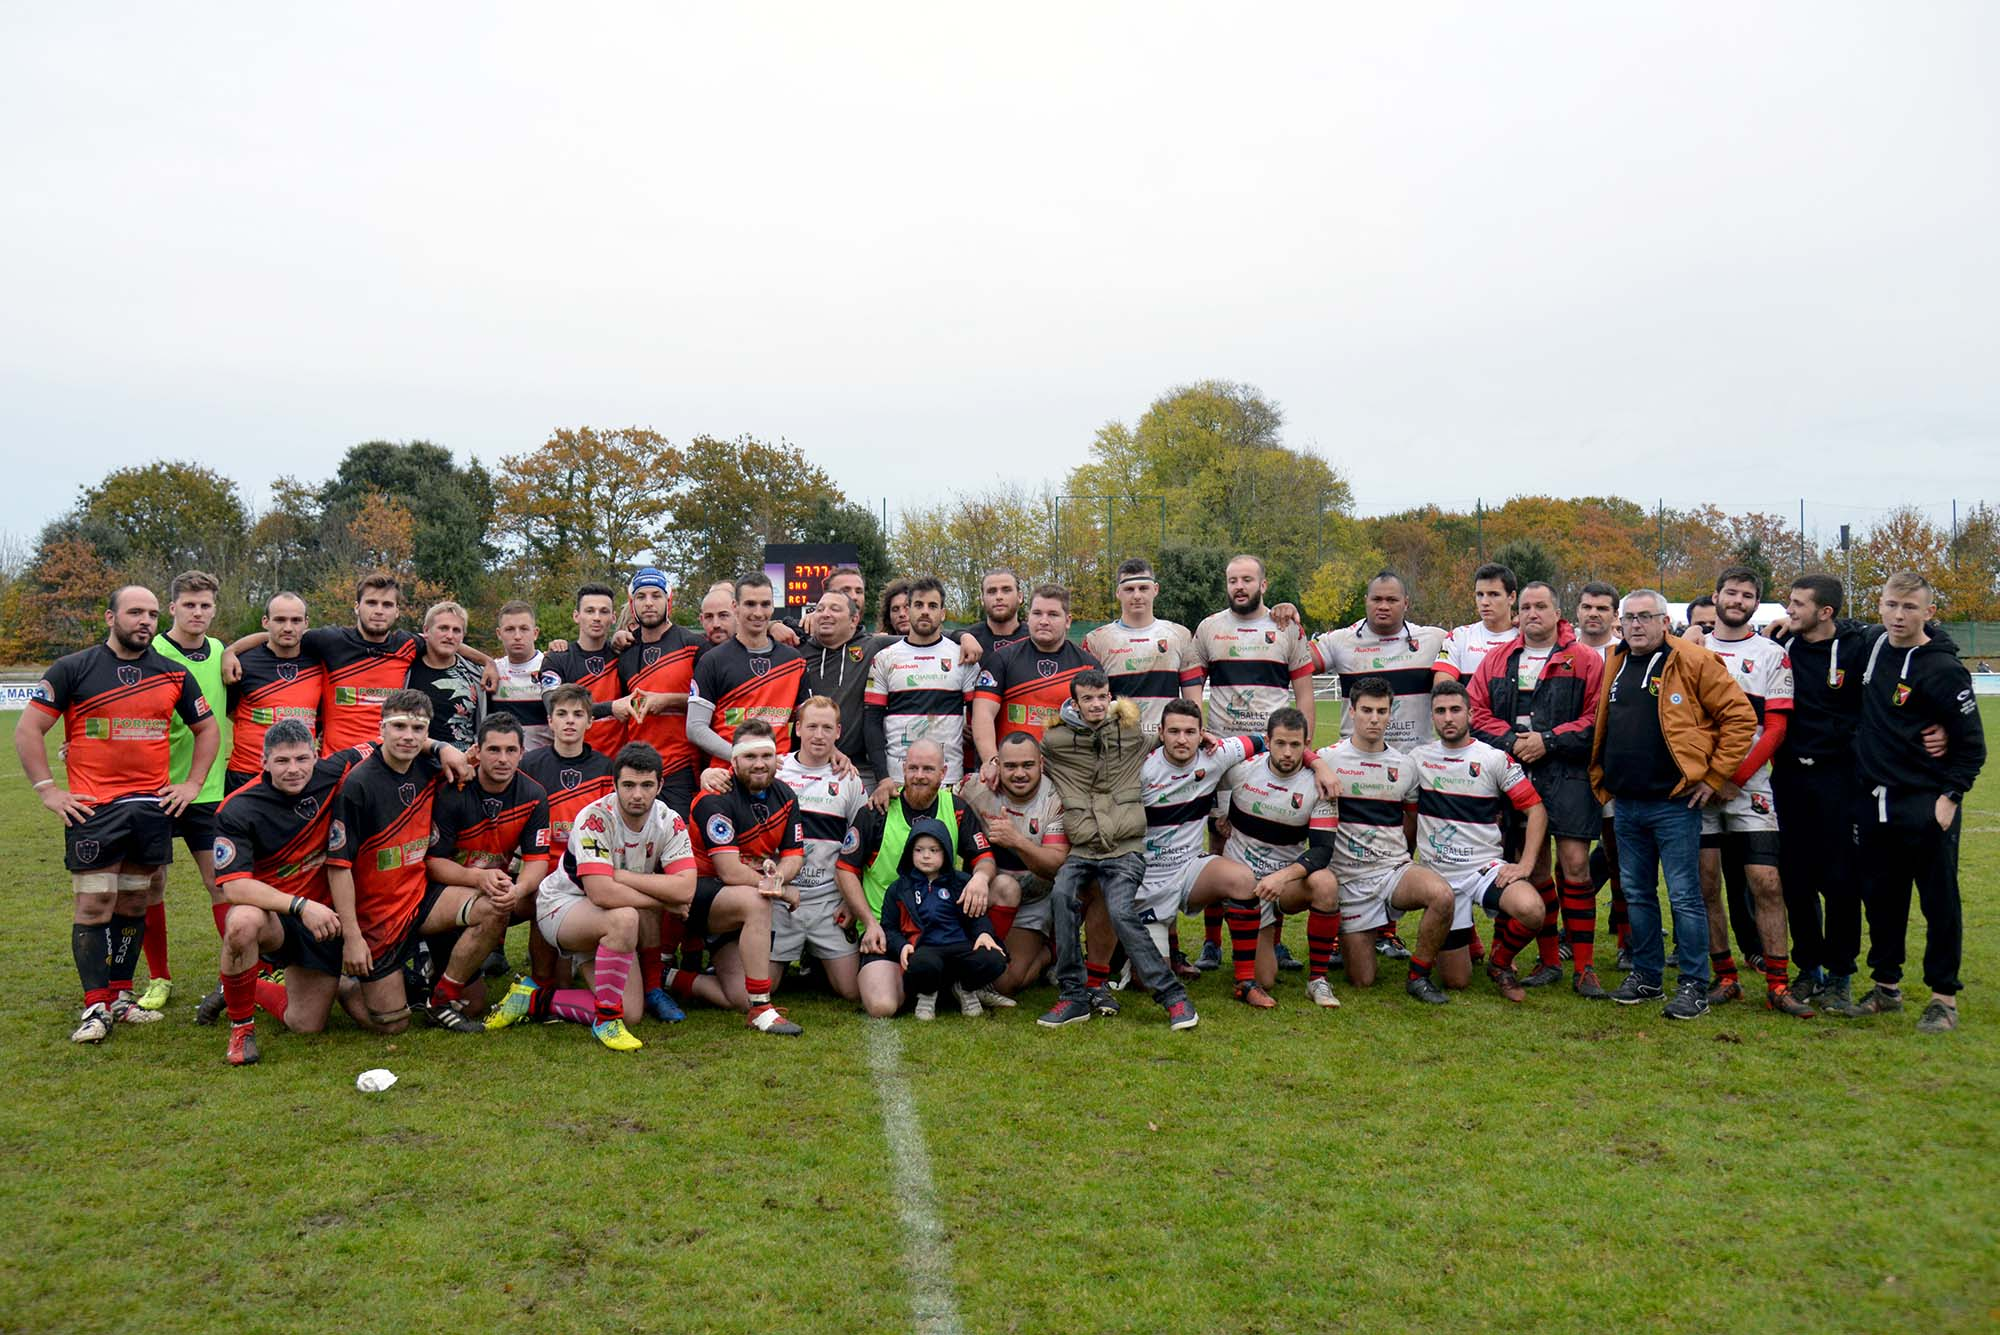 Les équipes du SNO et le RCT posent ensemble à la fin du match. (©Ville de Saint-Nazaire - Christian Robert)